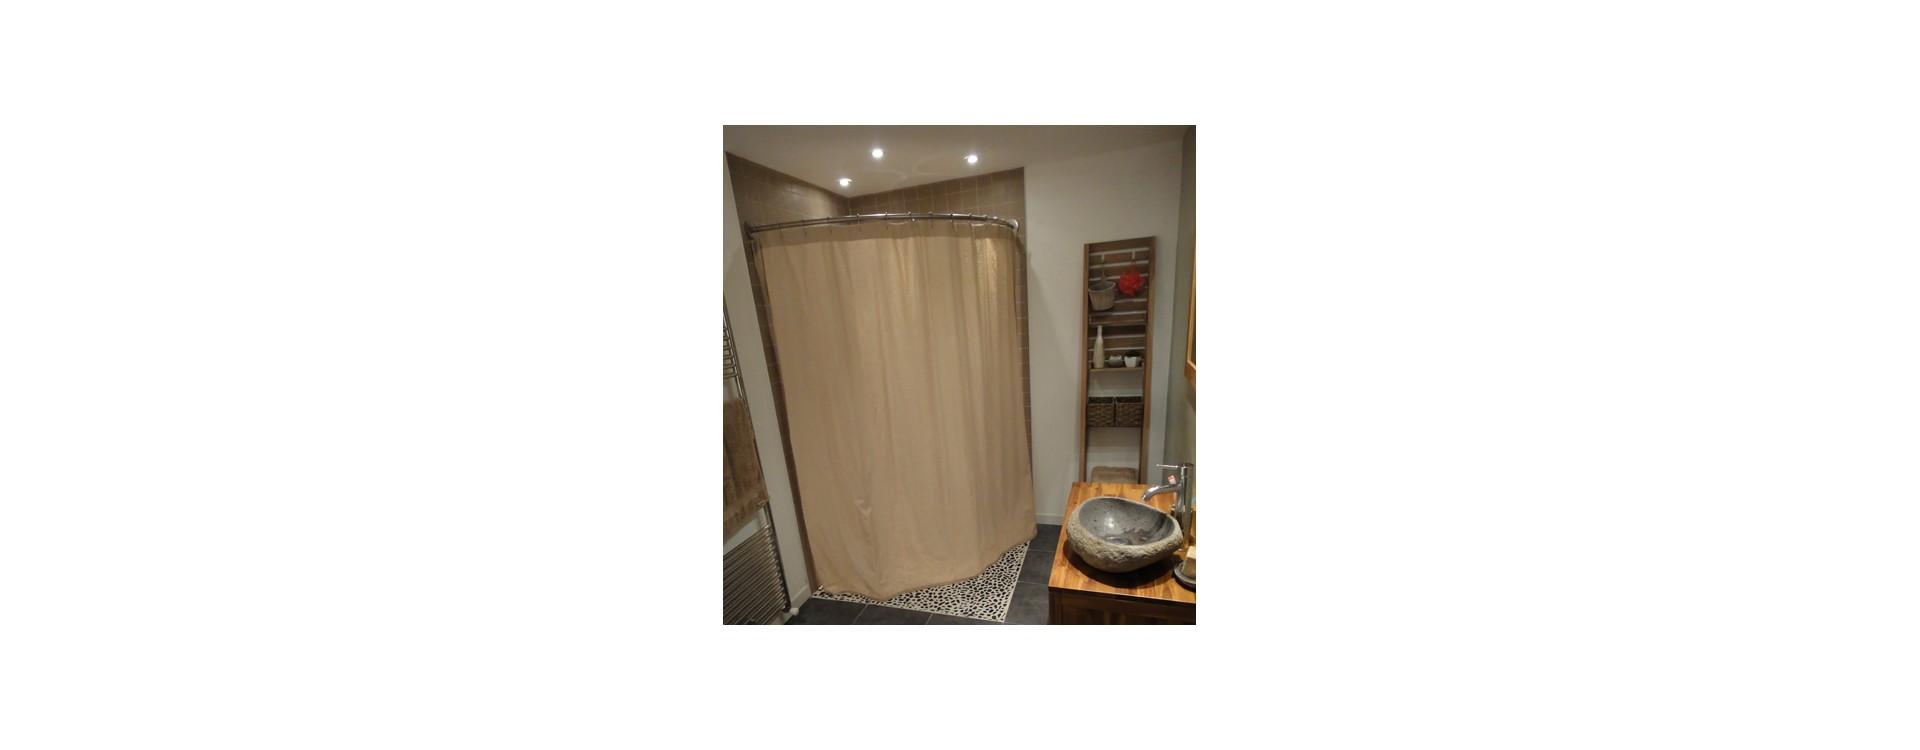 Paroi de douche à l'italienne d'angle XXL avec un rideau de douche en lin sable